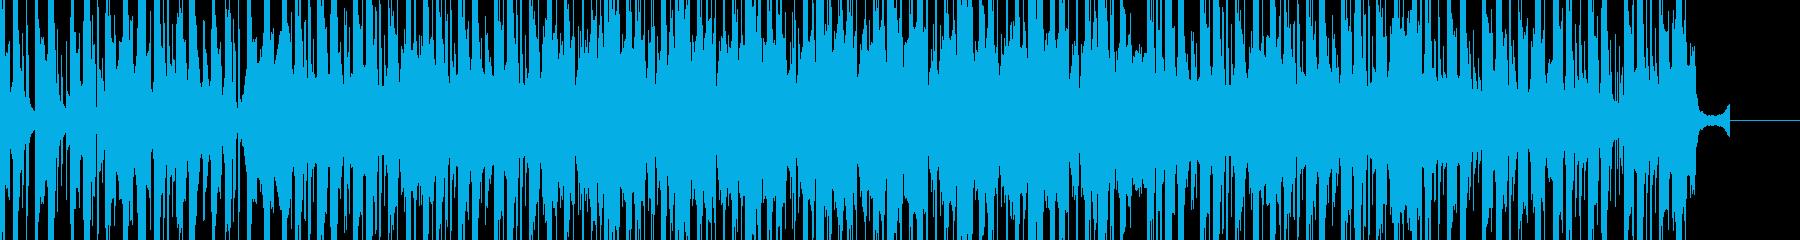 爽やかかつ力強いEDMの再生済みの波形